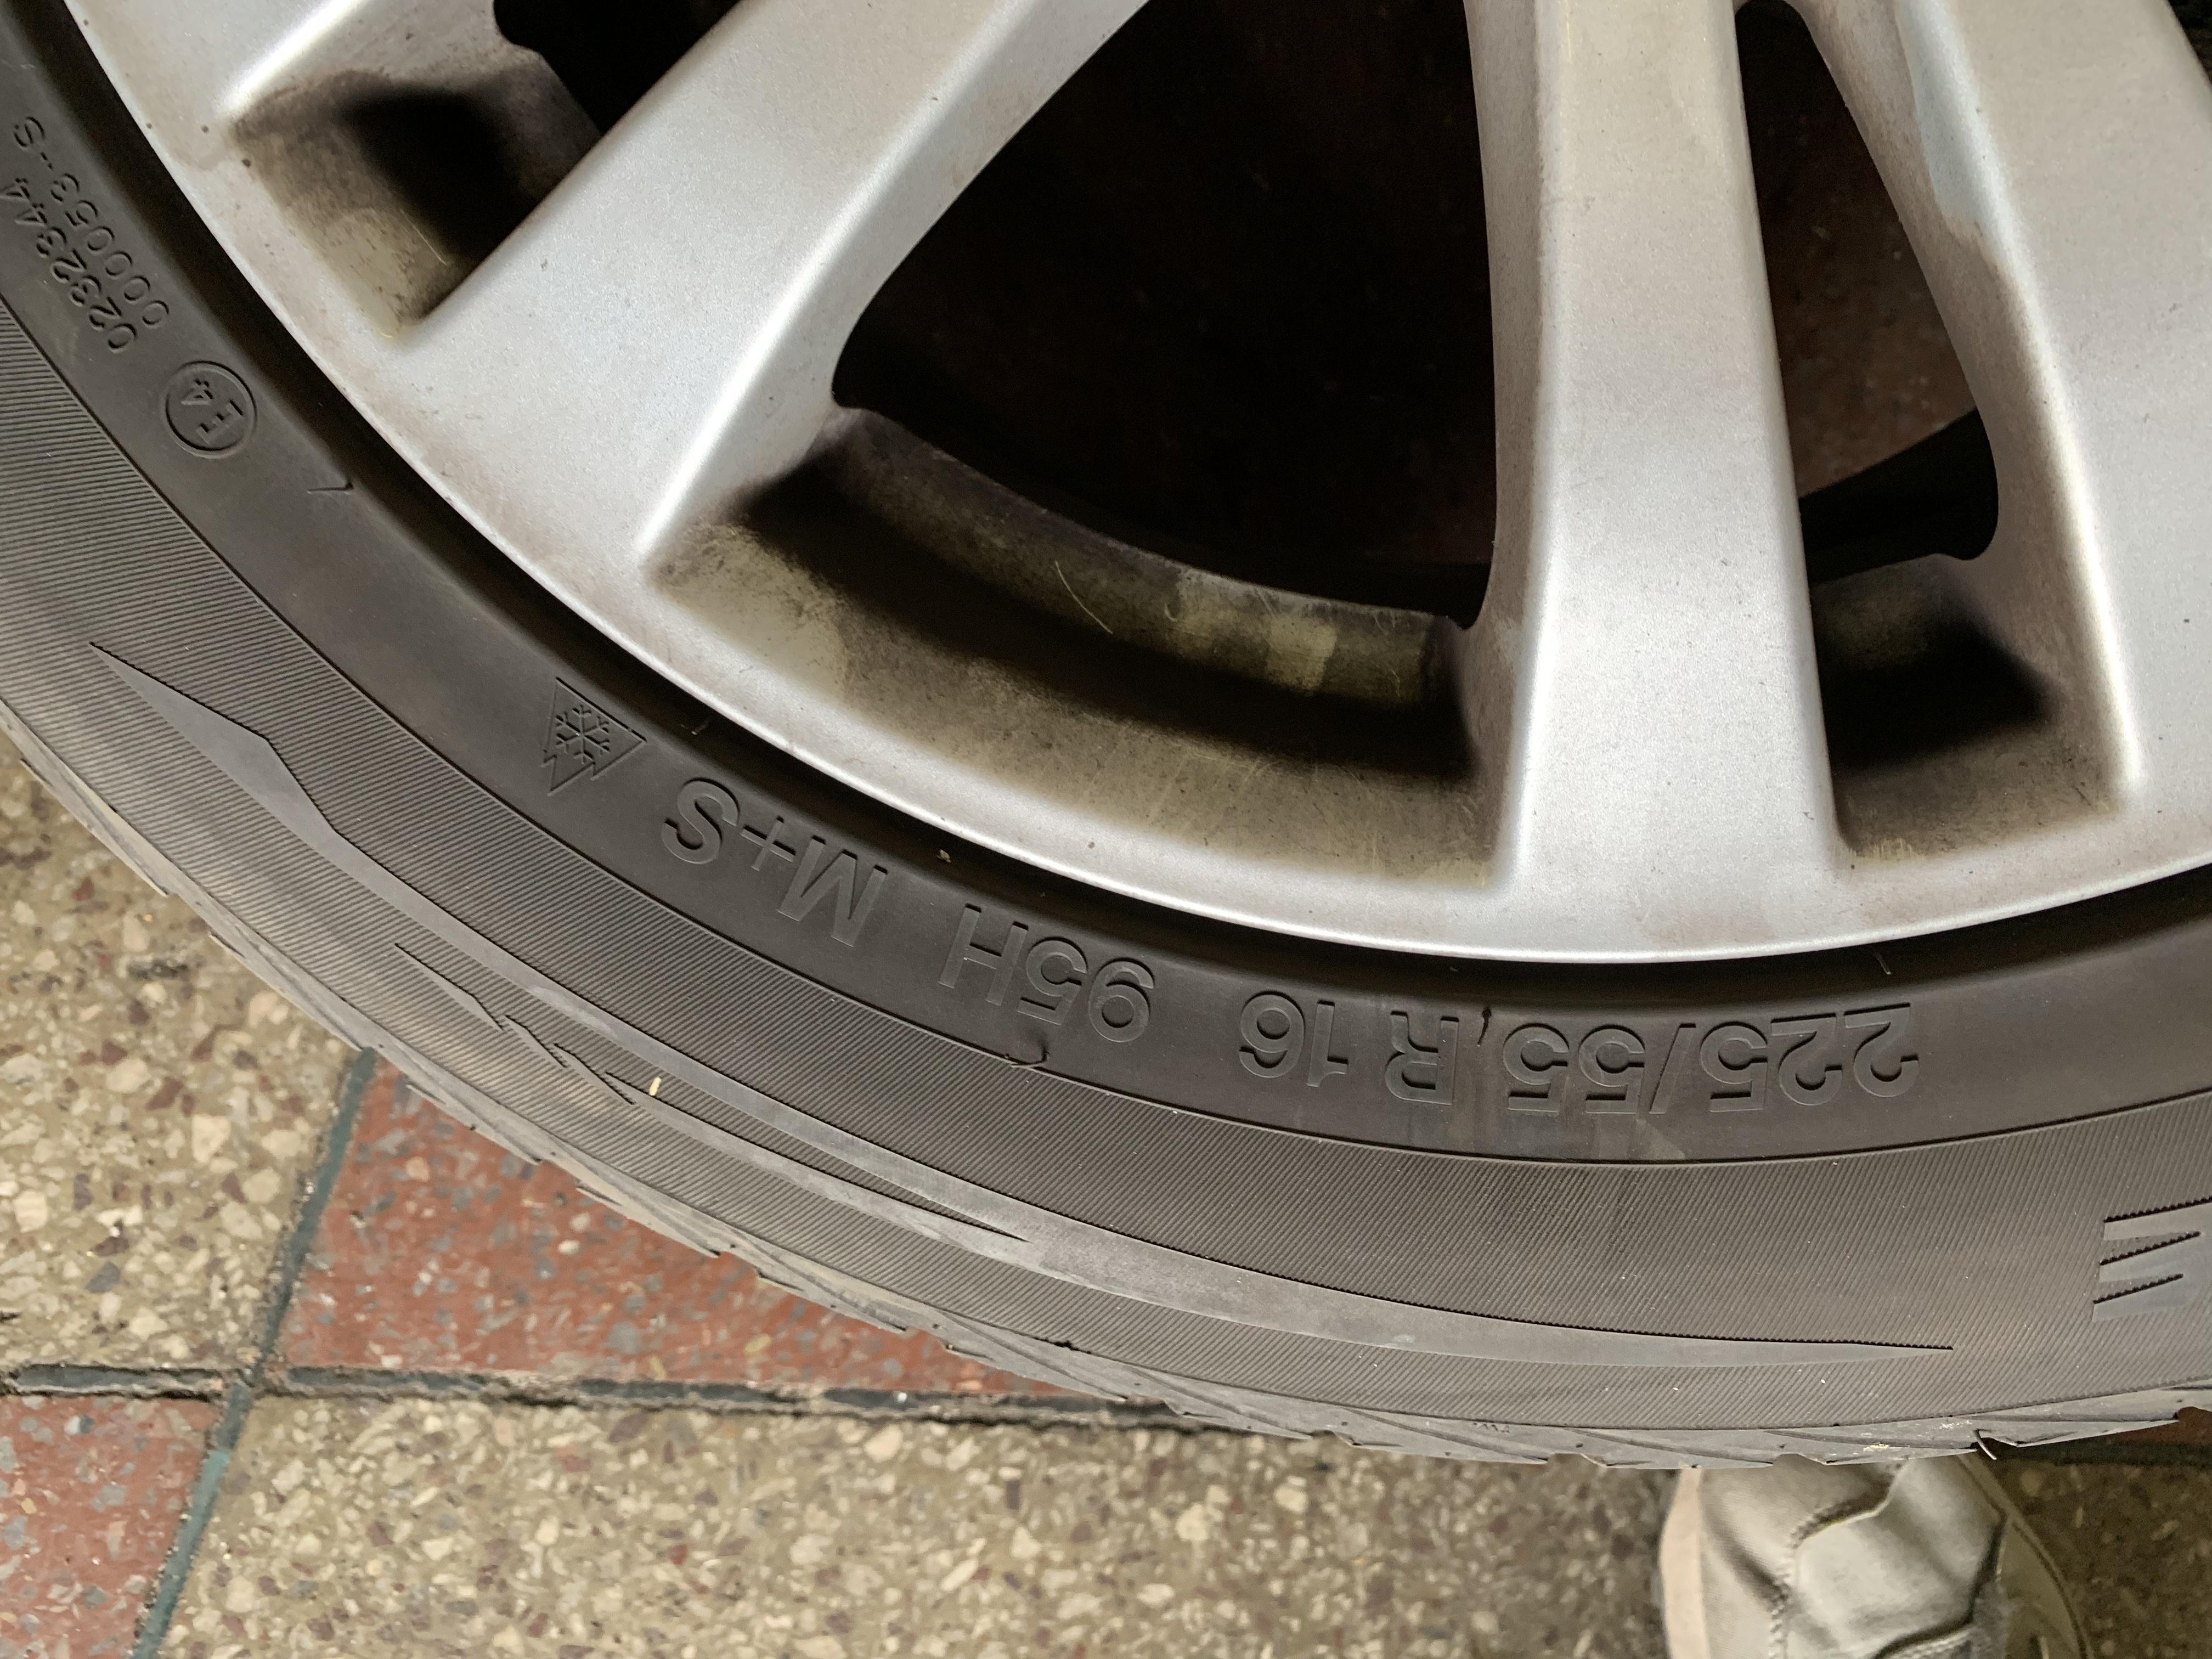 Radwechsel Werkstatt Spandau Reifen Wechsel freie KFZ Werkstatt